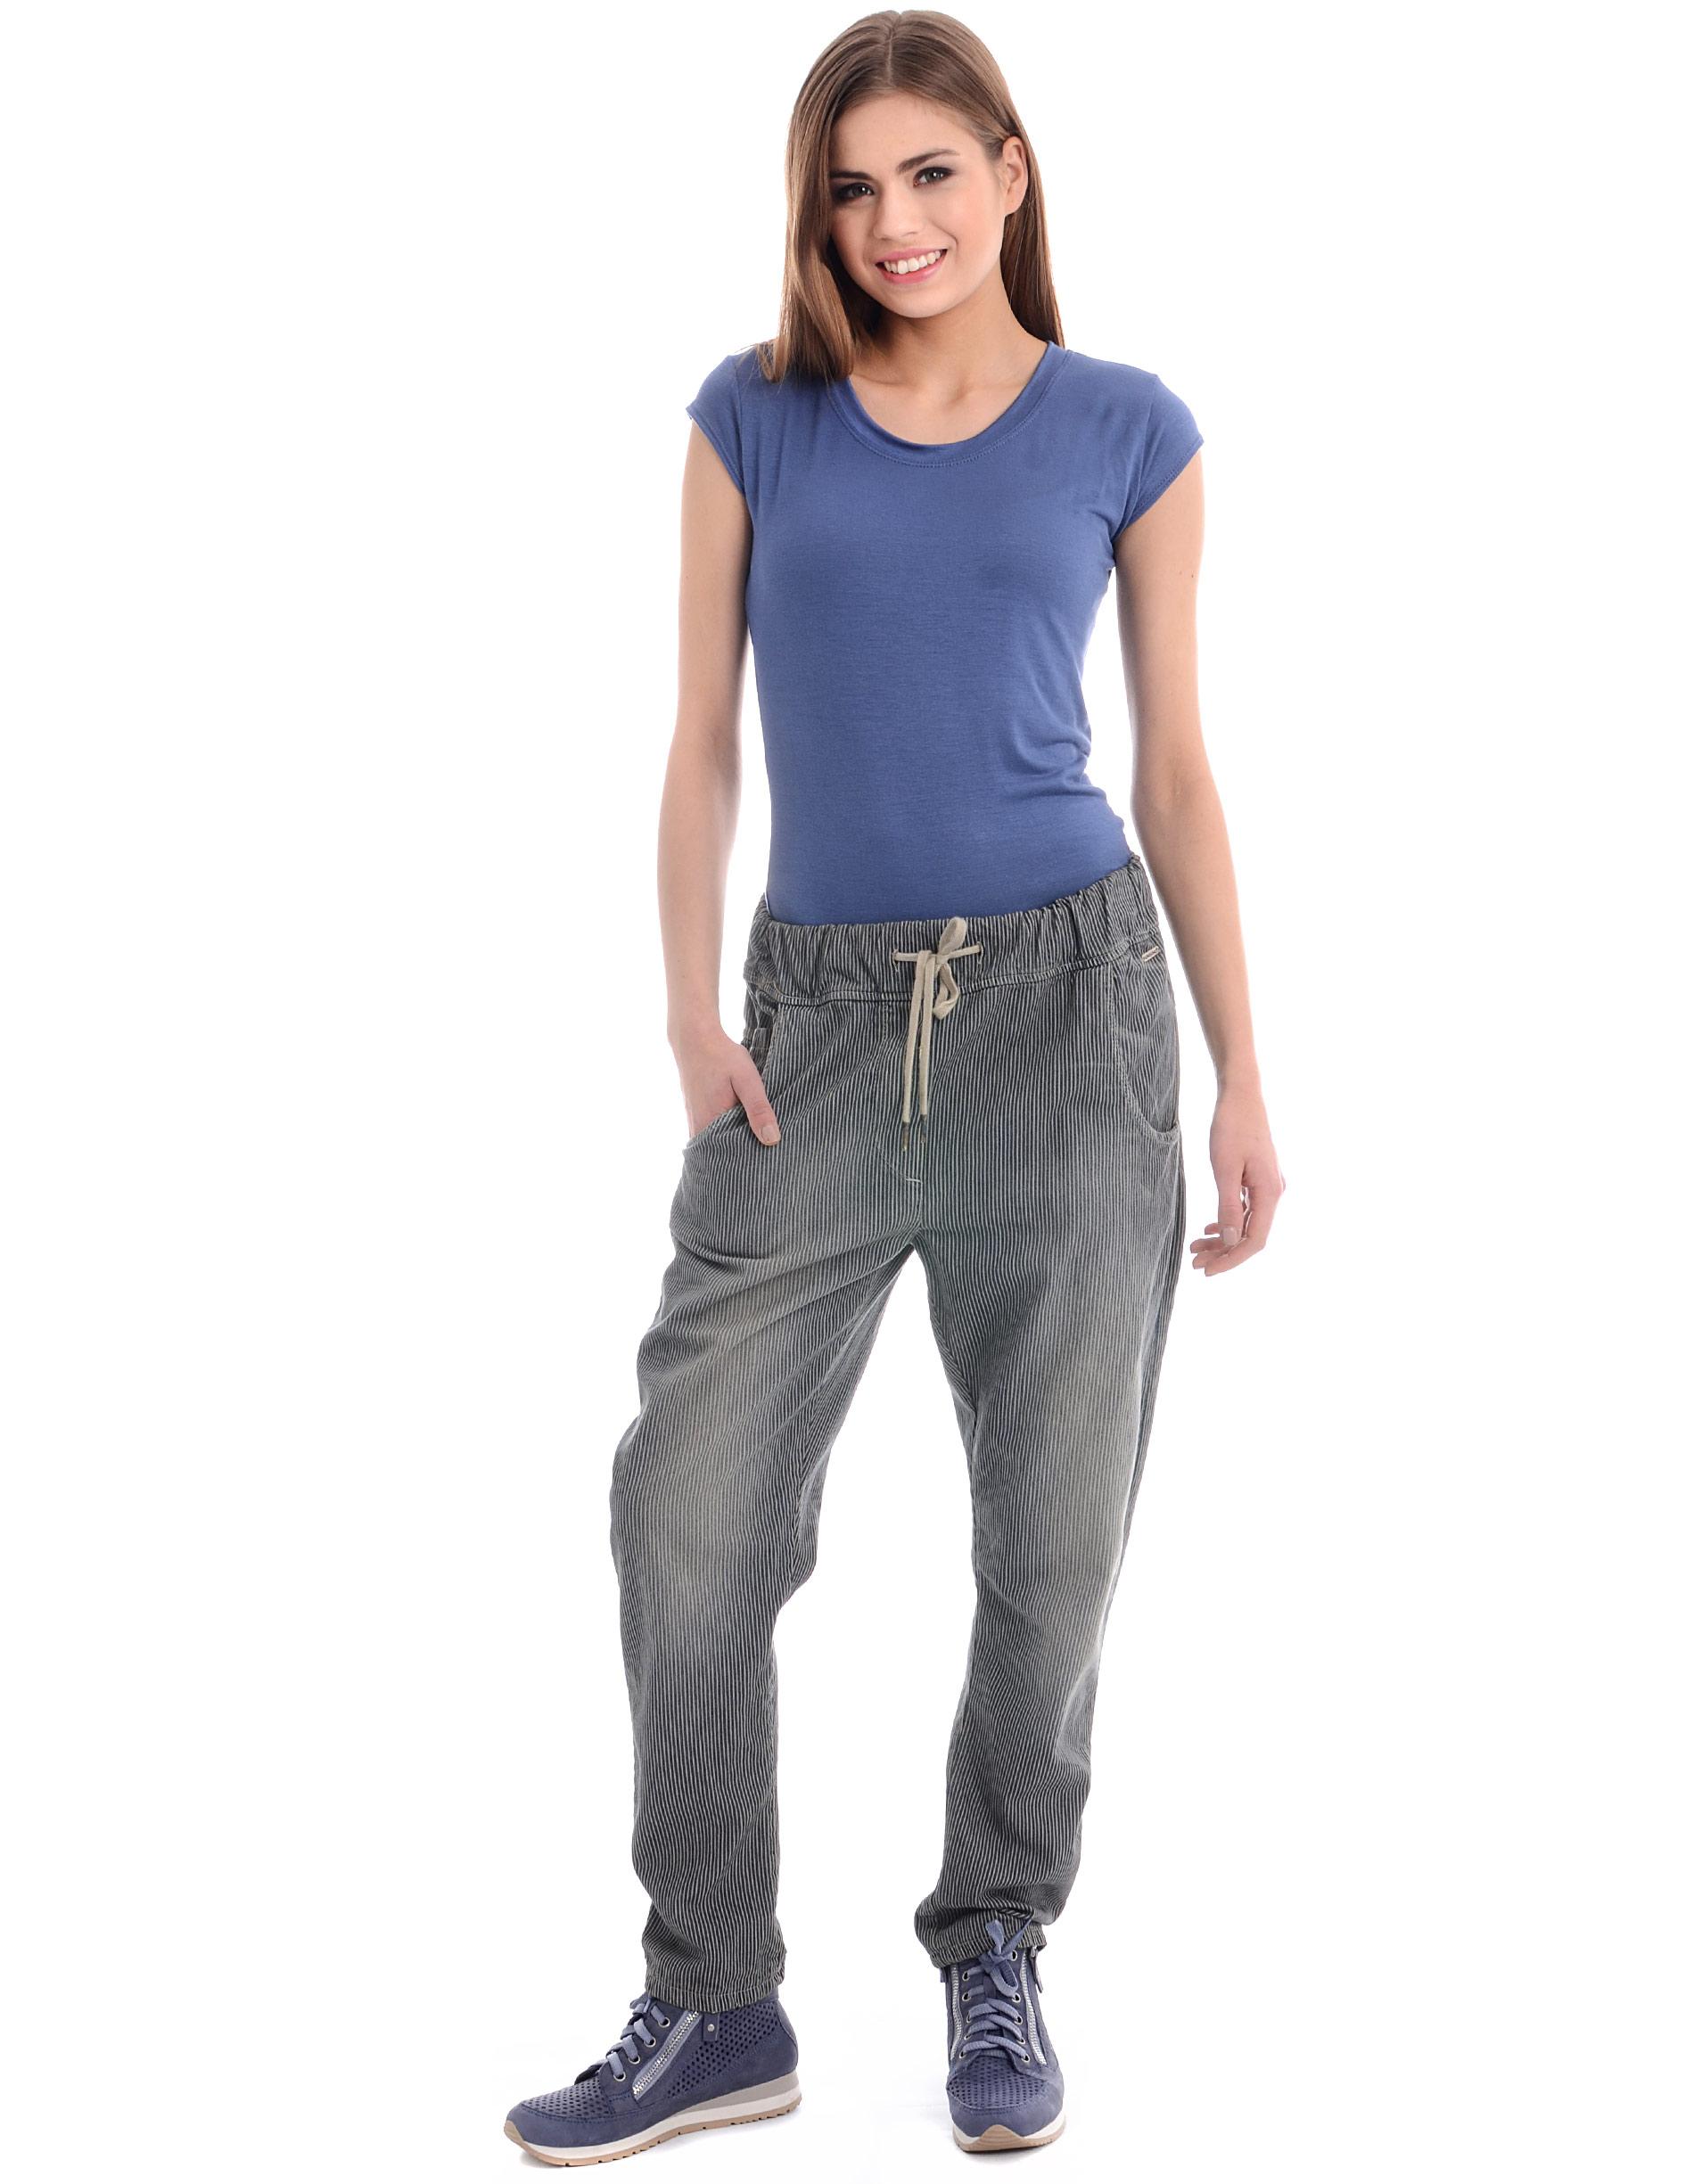 Spodnie - 104-6021 FANG - Unisono